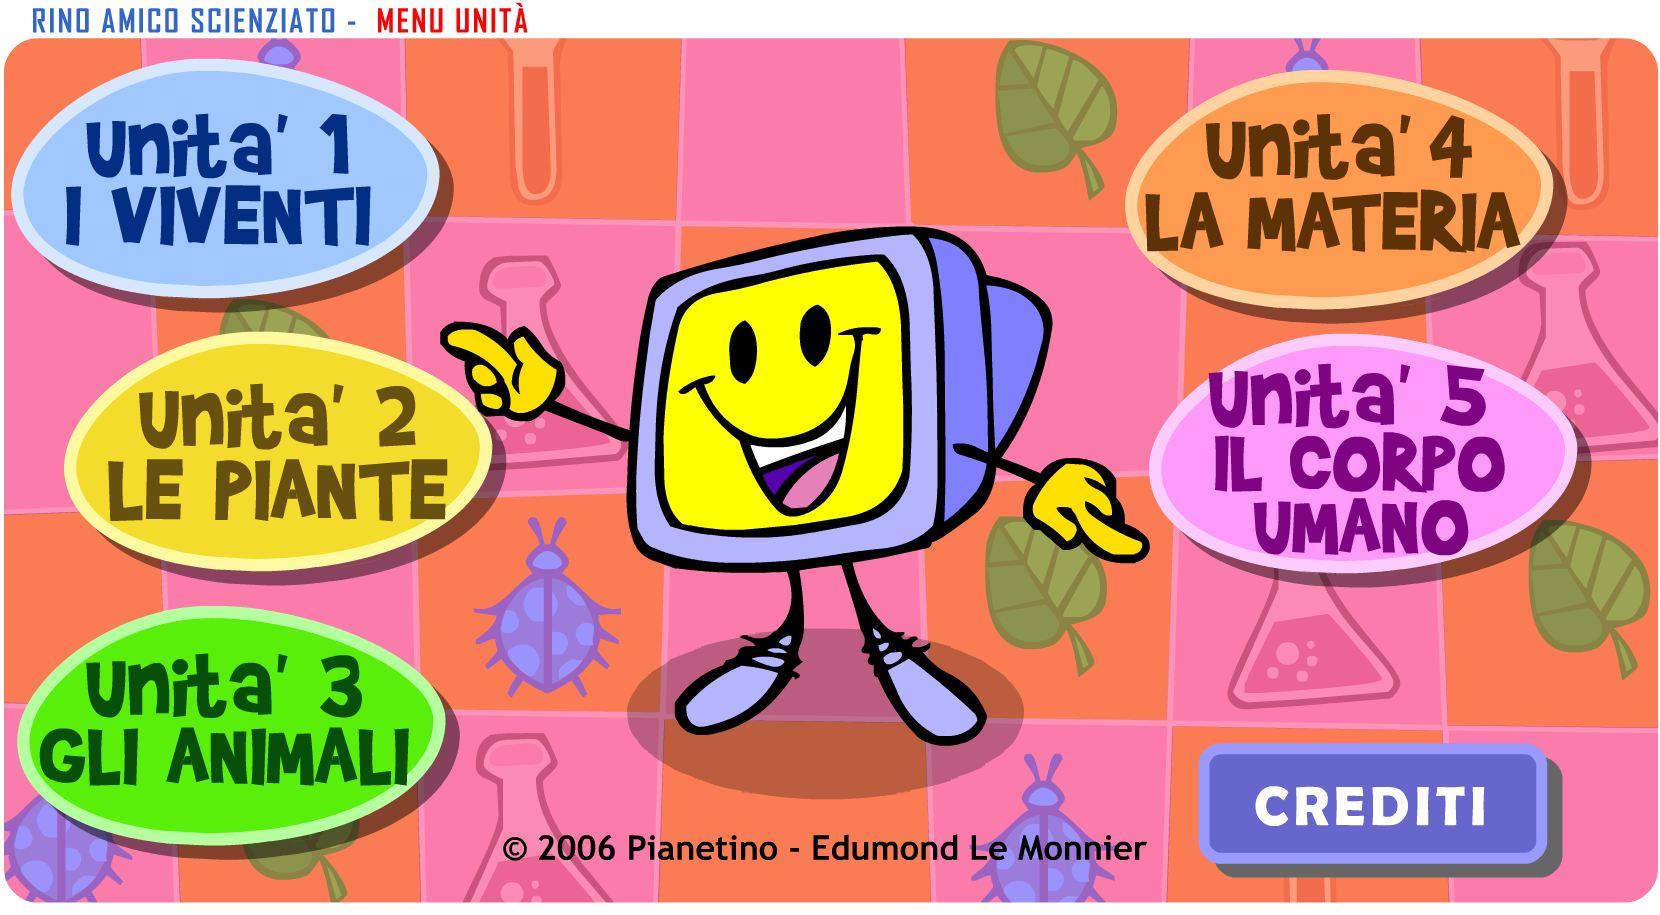 Rino Amico Scienziato Le Piante : Rino amico scienziato app per giochi bambino on line